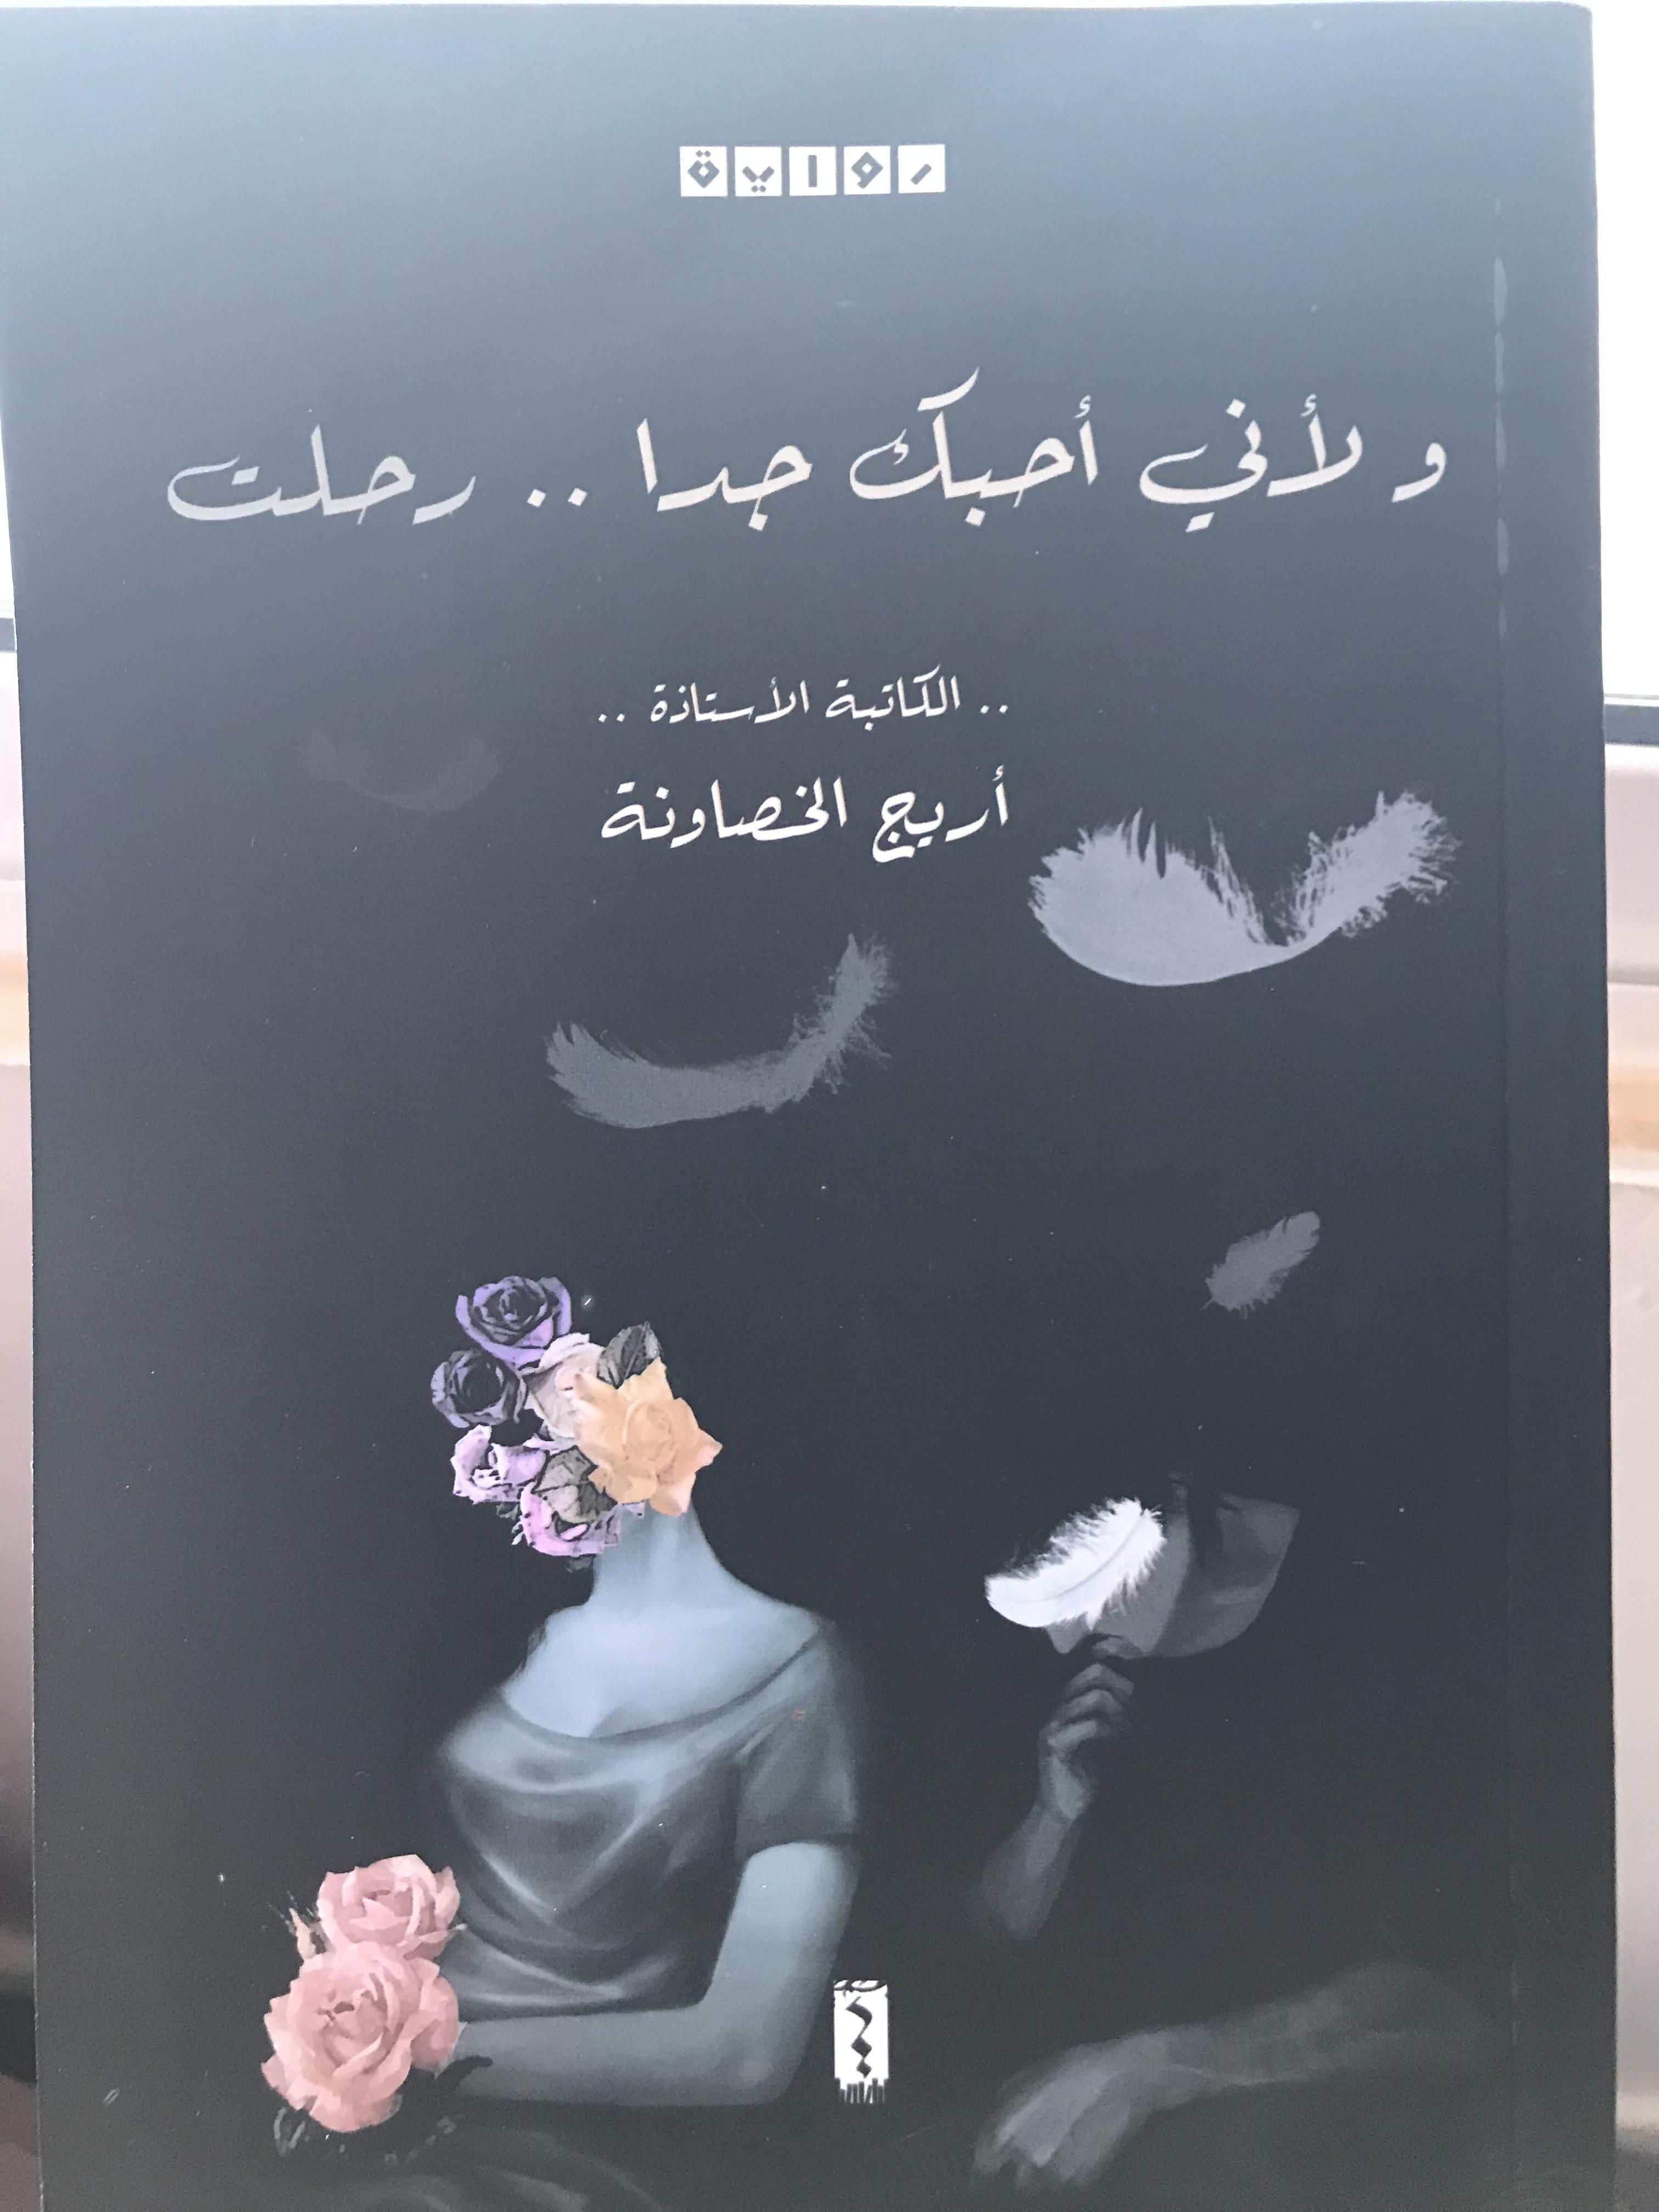 صدور رواية (ولاني احبك جدا رحلت) لـ الاستاذه اريج الخصاونة